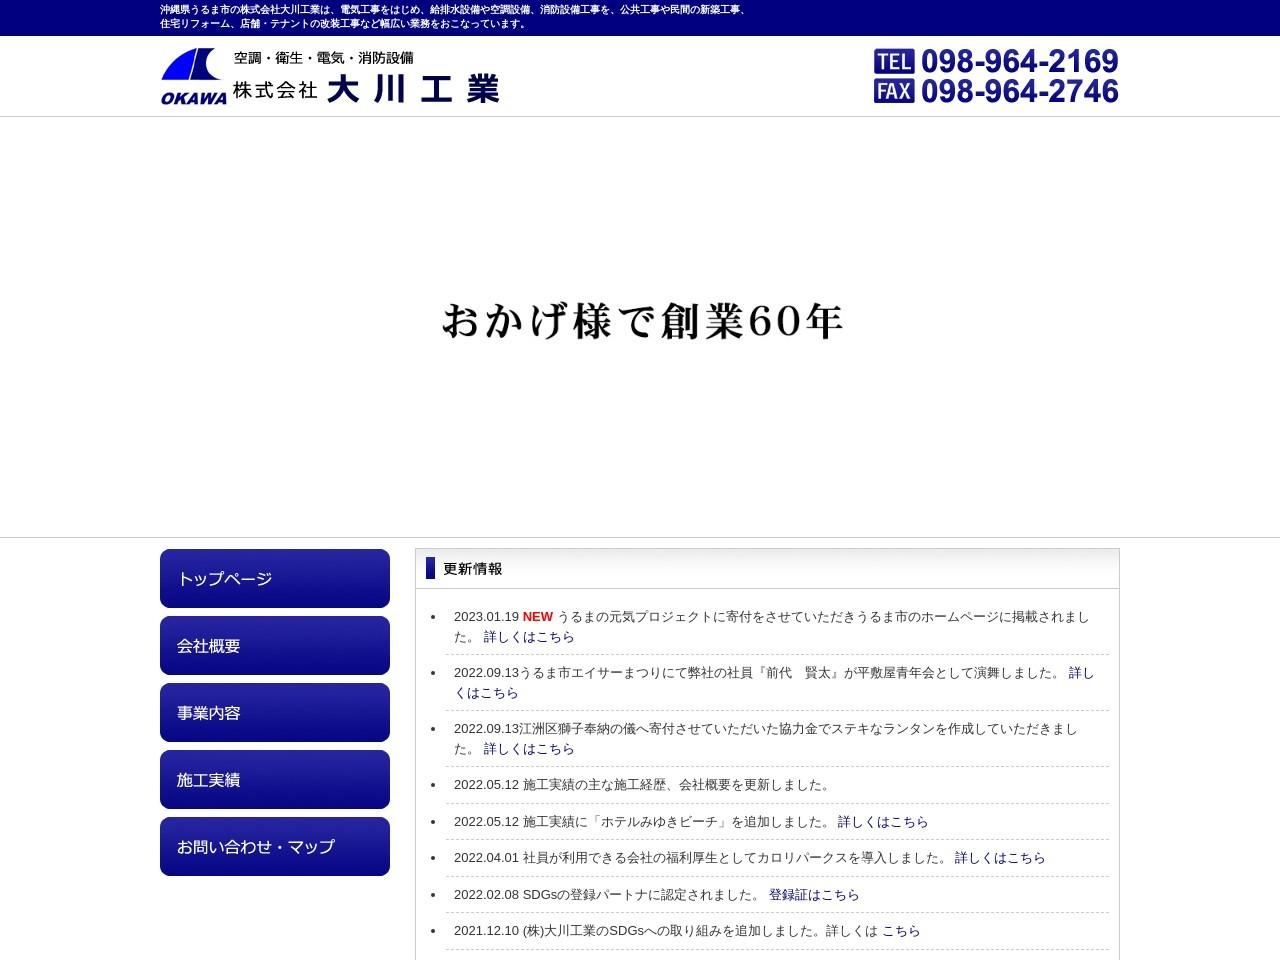 株式会社大川工業本社